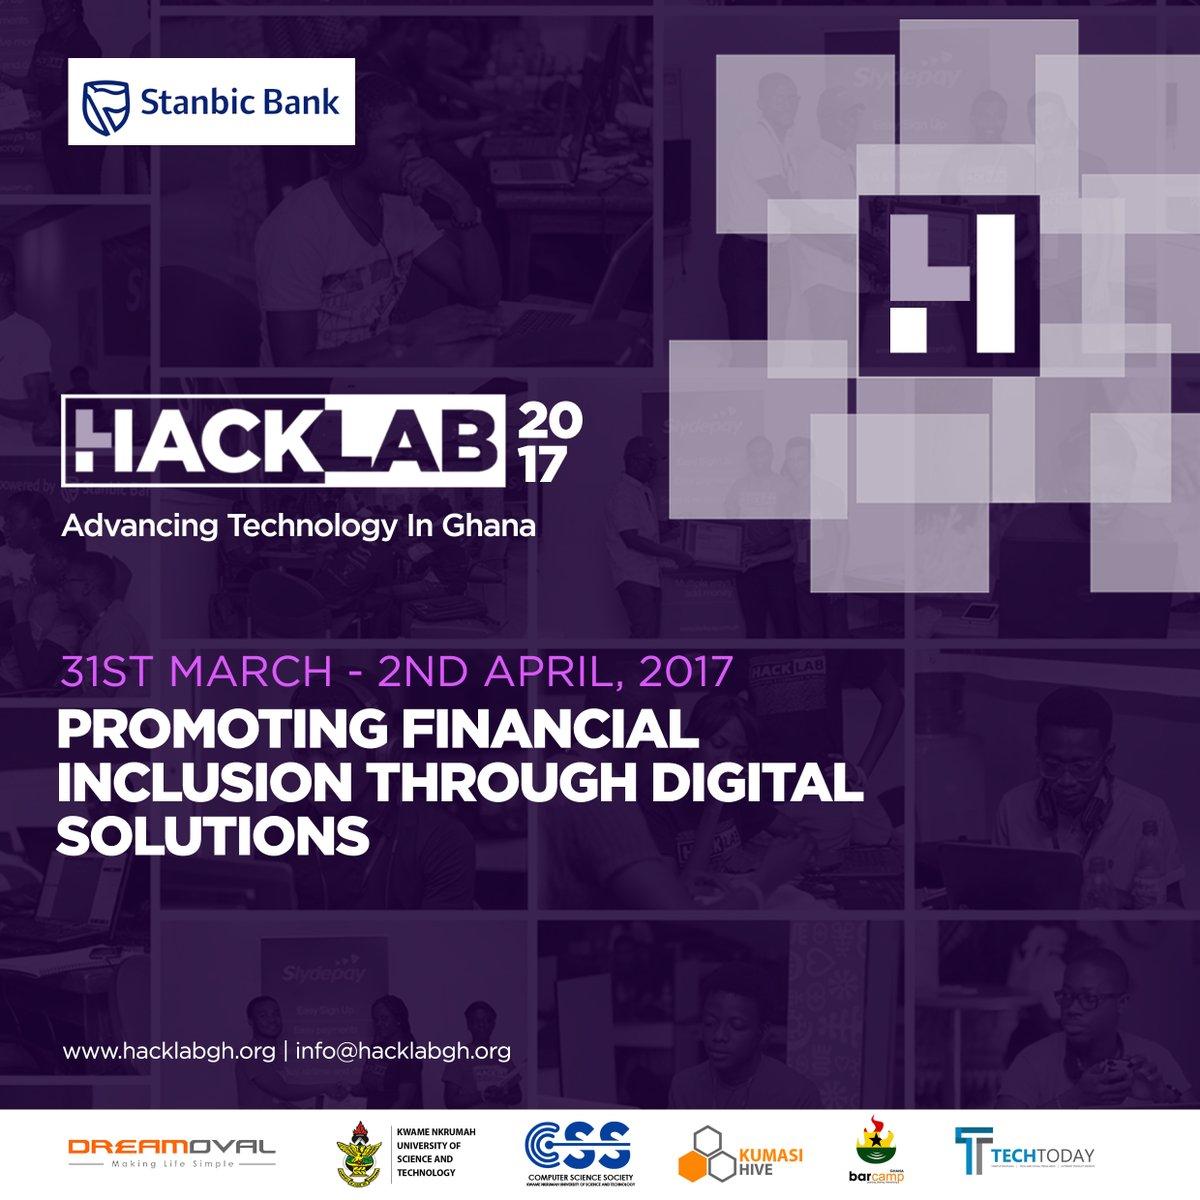 HACKLAB2017